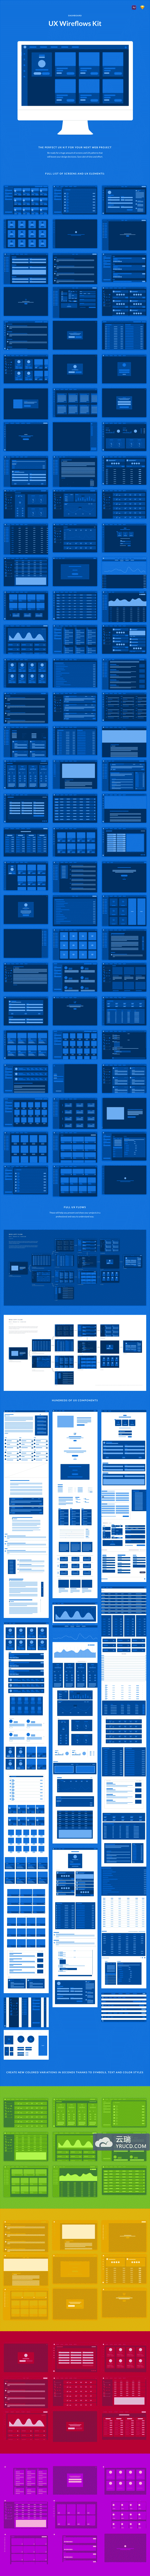 后台界面仪表盘UI KIT模板套装下载 [XD,Sketch]